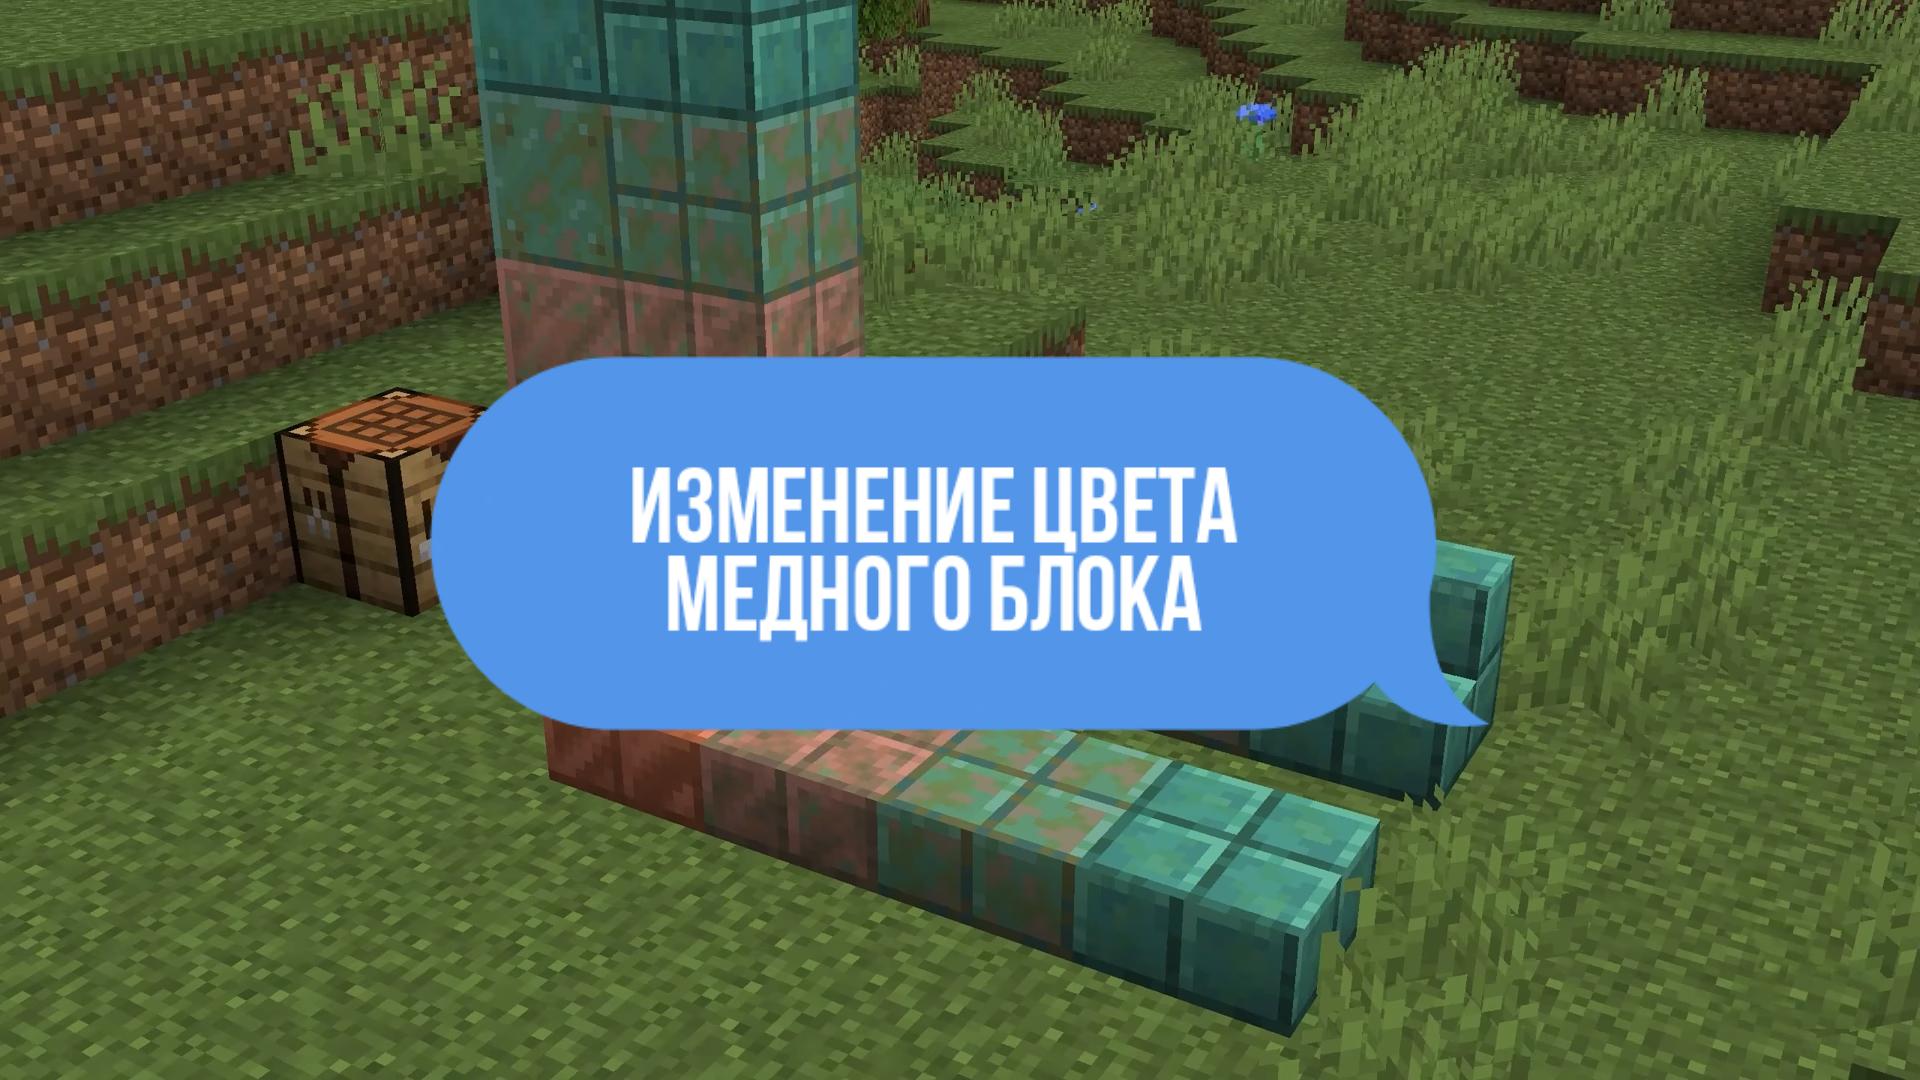 Изменение цвета медного блока